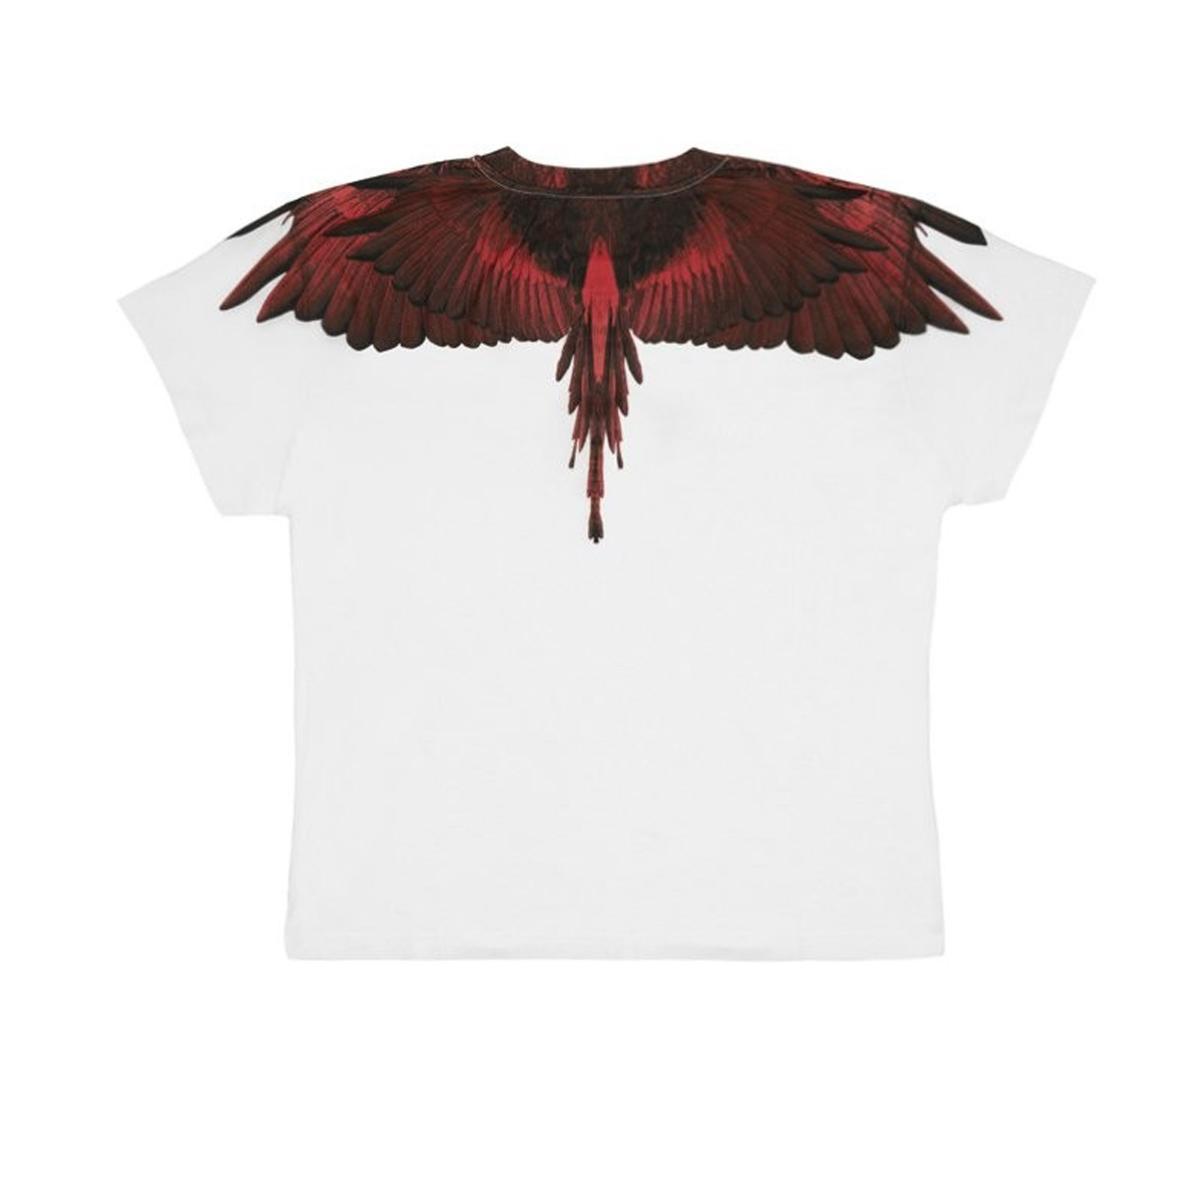 T-shirt Marcelo Burlon Fuchsia Wings con stampa da donna rif. FUCHSIA WINGS